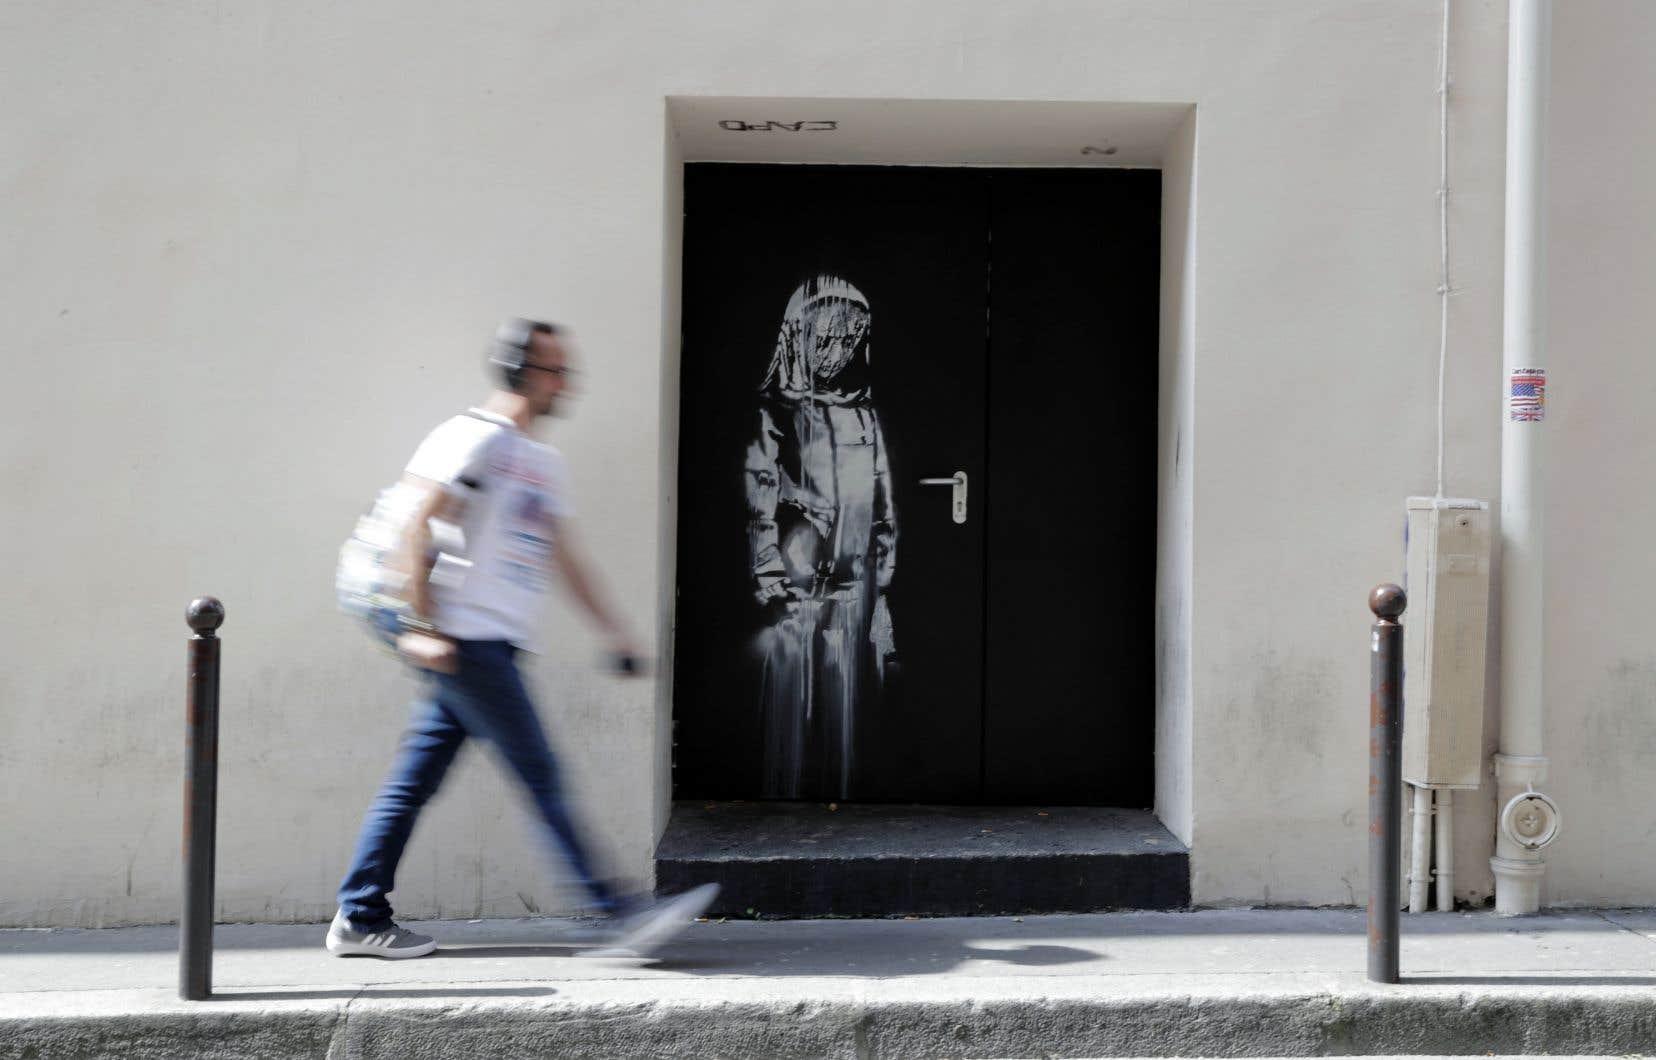 Une nouvelle œuvre d'art urbain de Banksy a récemment fait son apparition sur une porte arrière du Bataclan, à Paris.